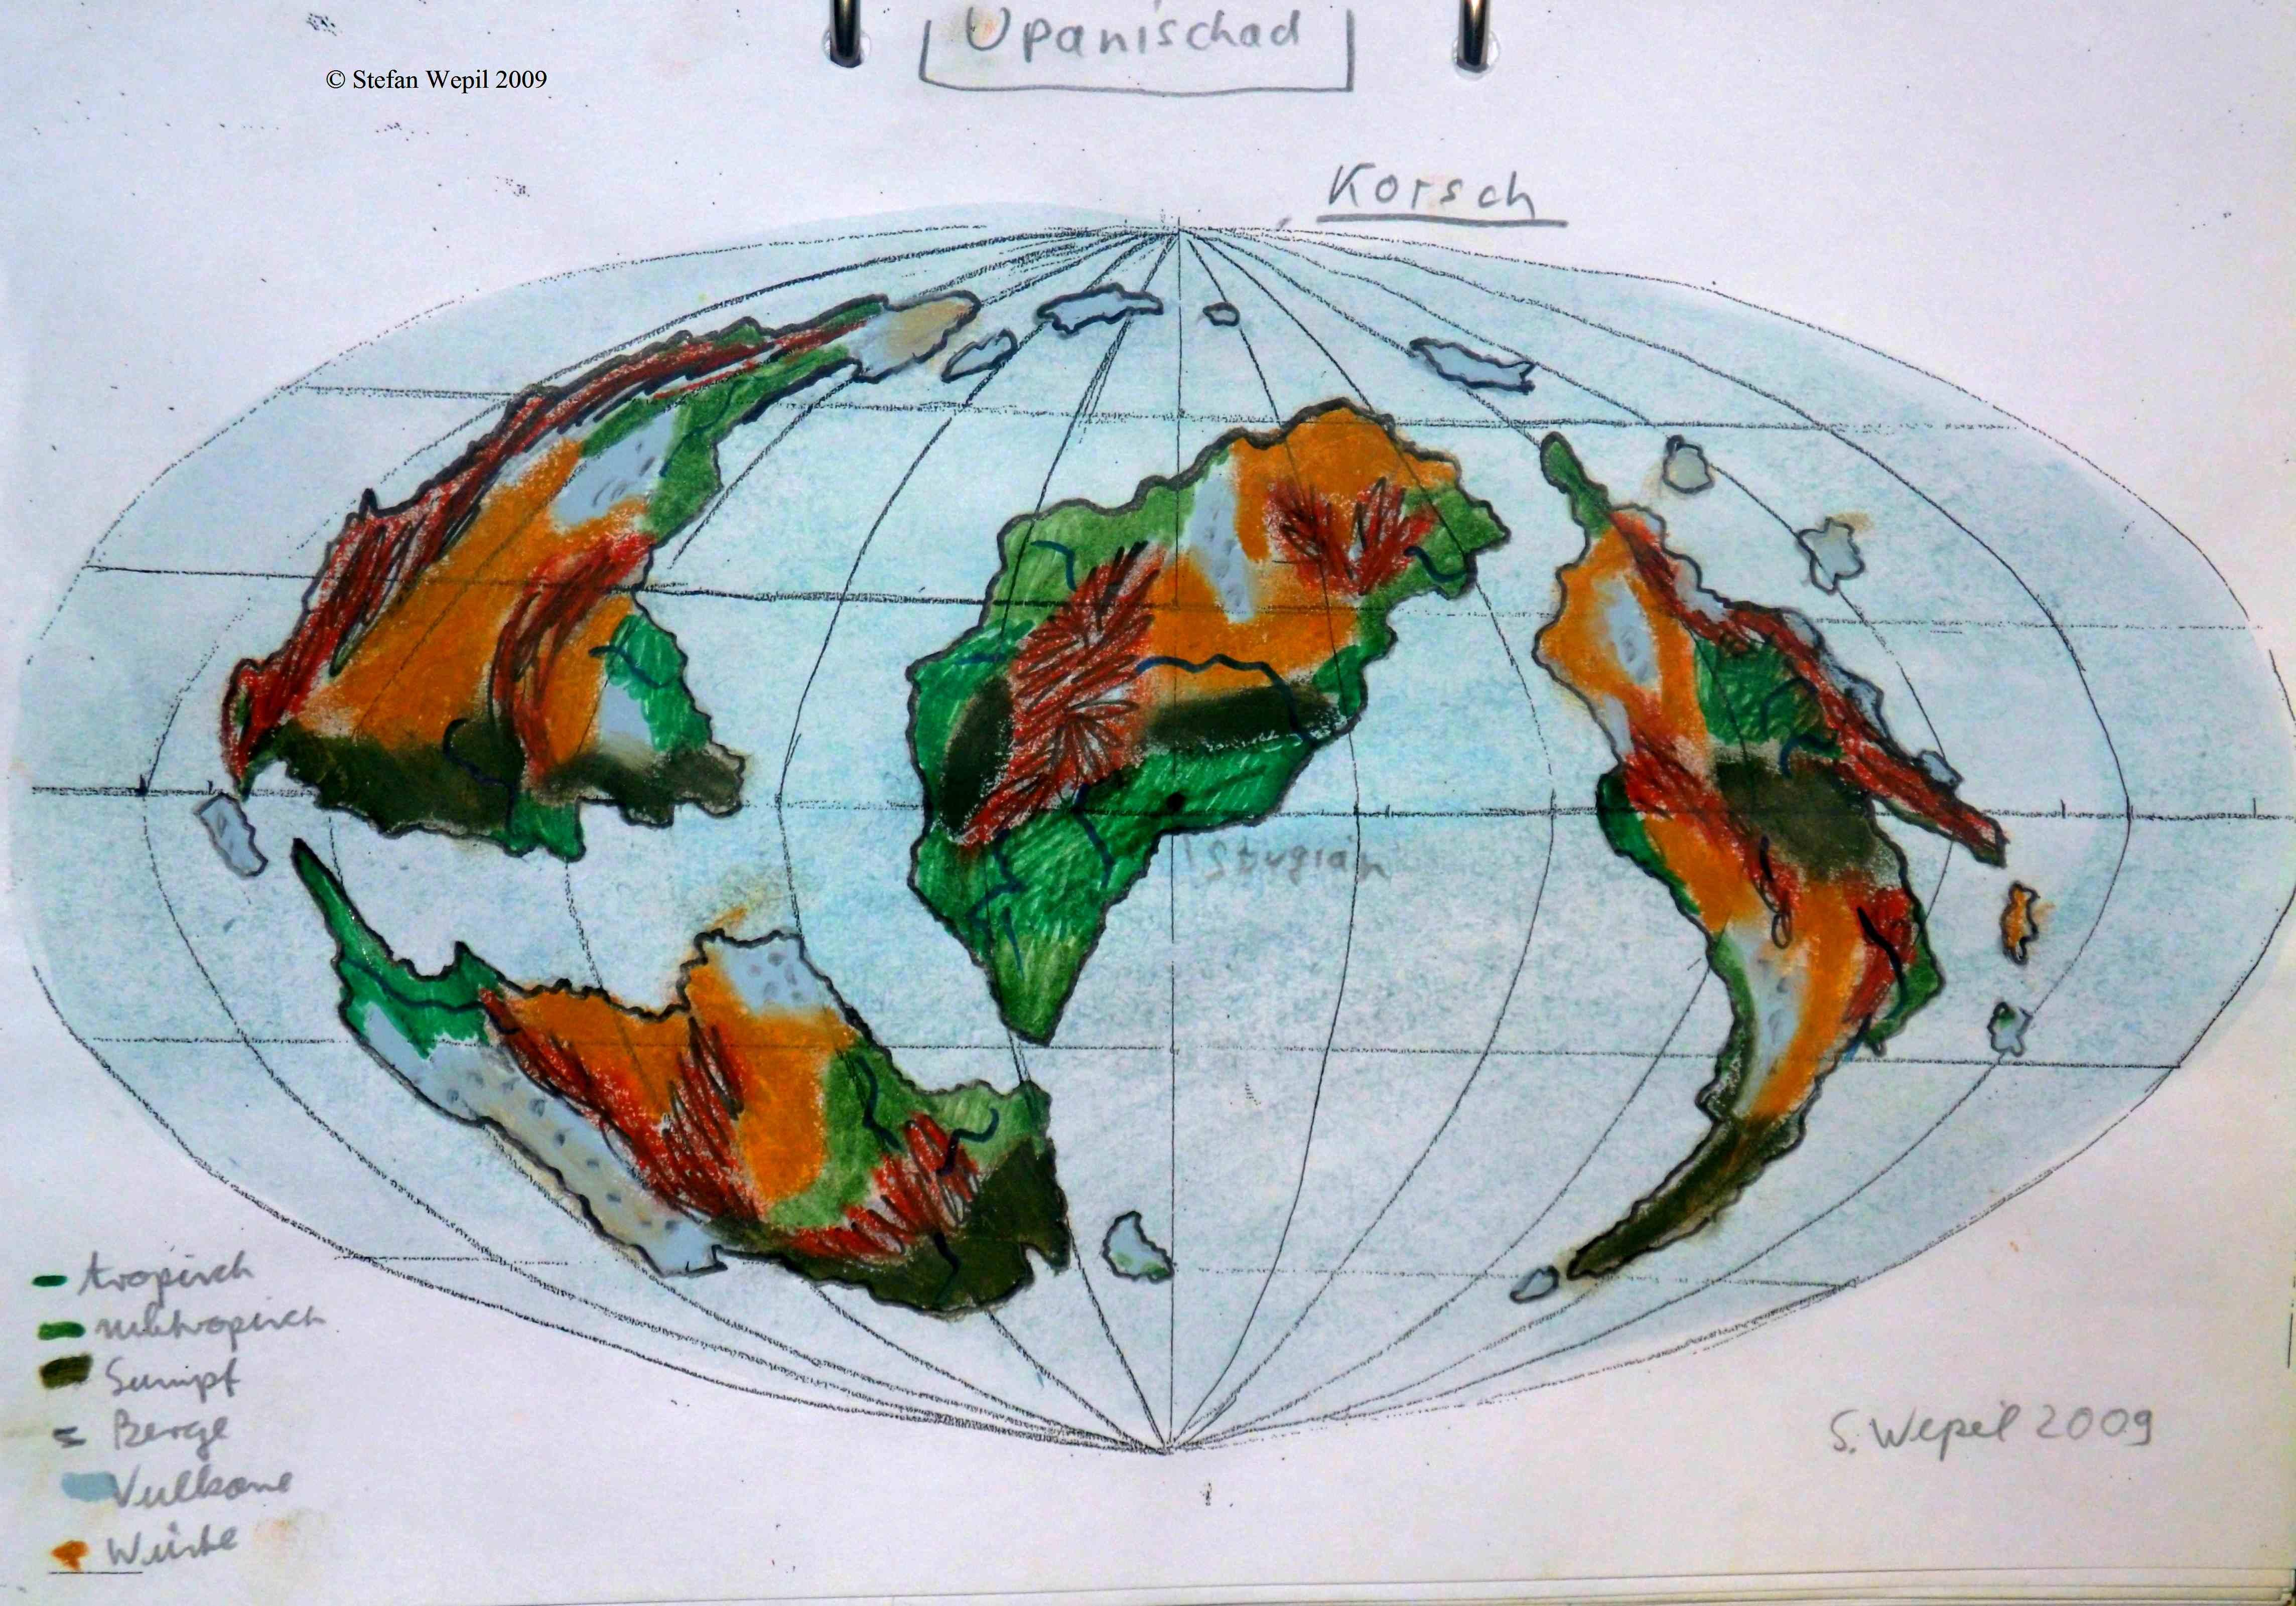 Landkarte der Welt Upanishad in Cartwheel (C) Stefan Wepil